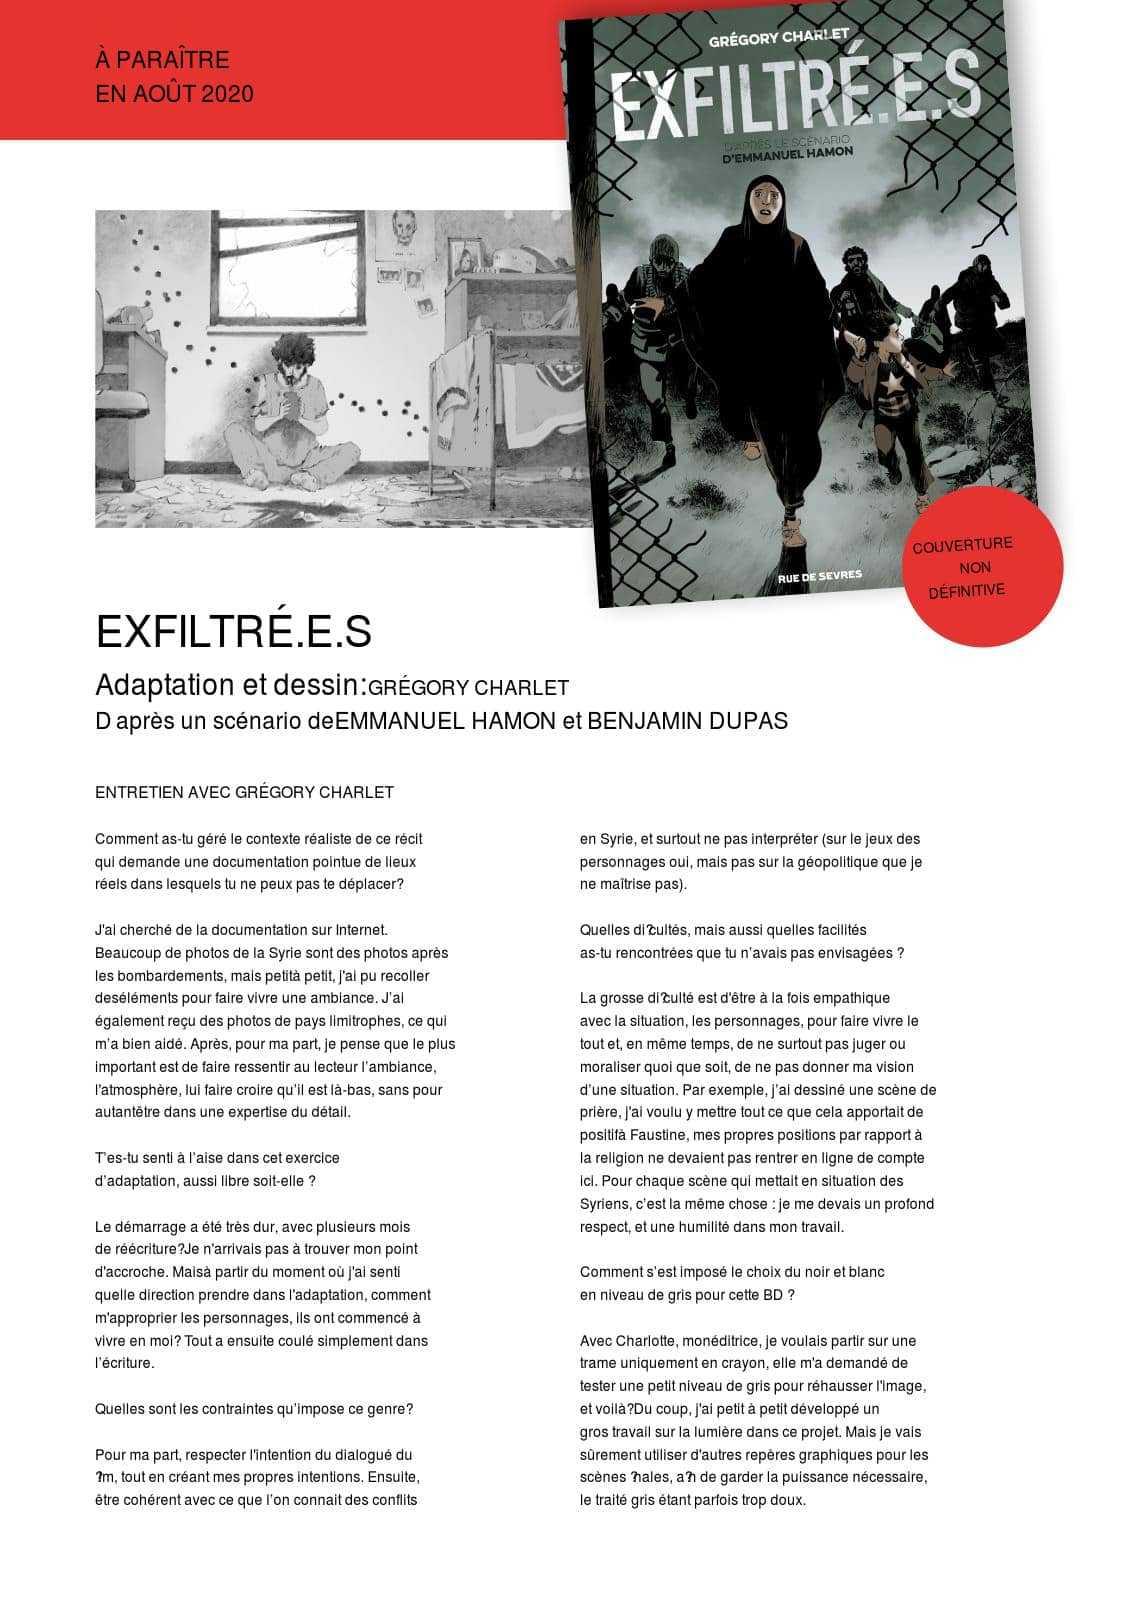 Confinement, l'atelier Rue de Sèvres ouvre ses portes et ses albums